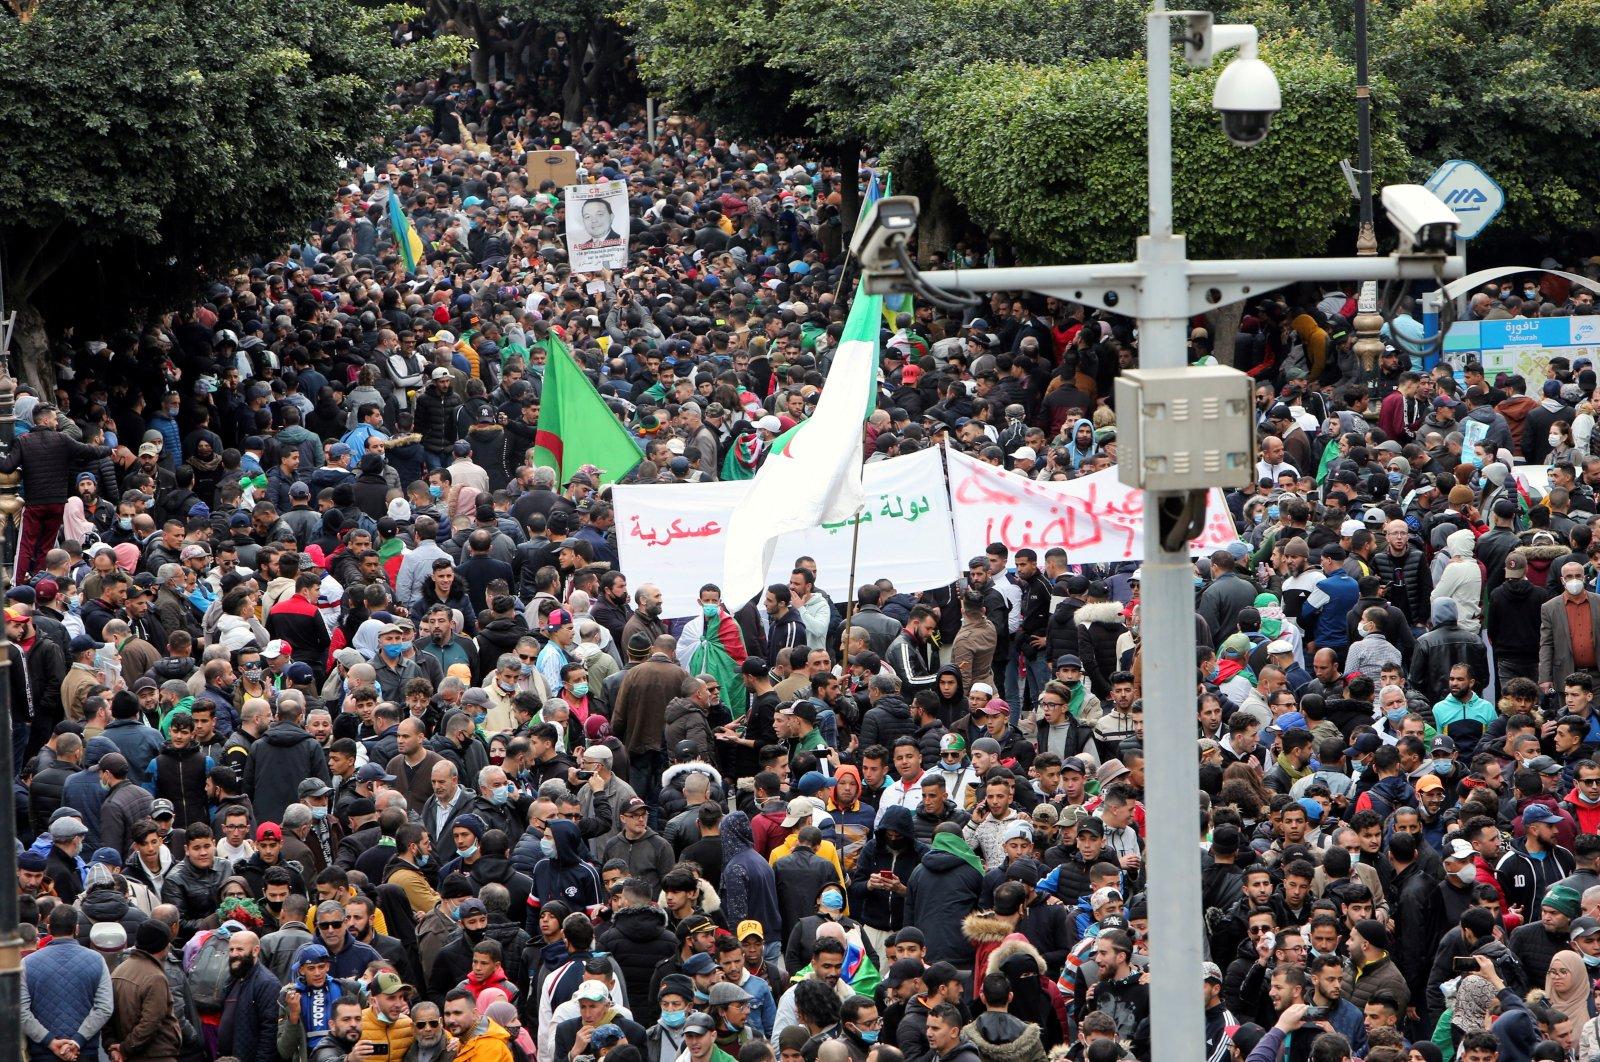 الآلاف يتظاهرون في الذكرى الثانية للحركة الاحتجاجية الجزائرية